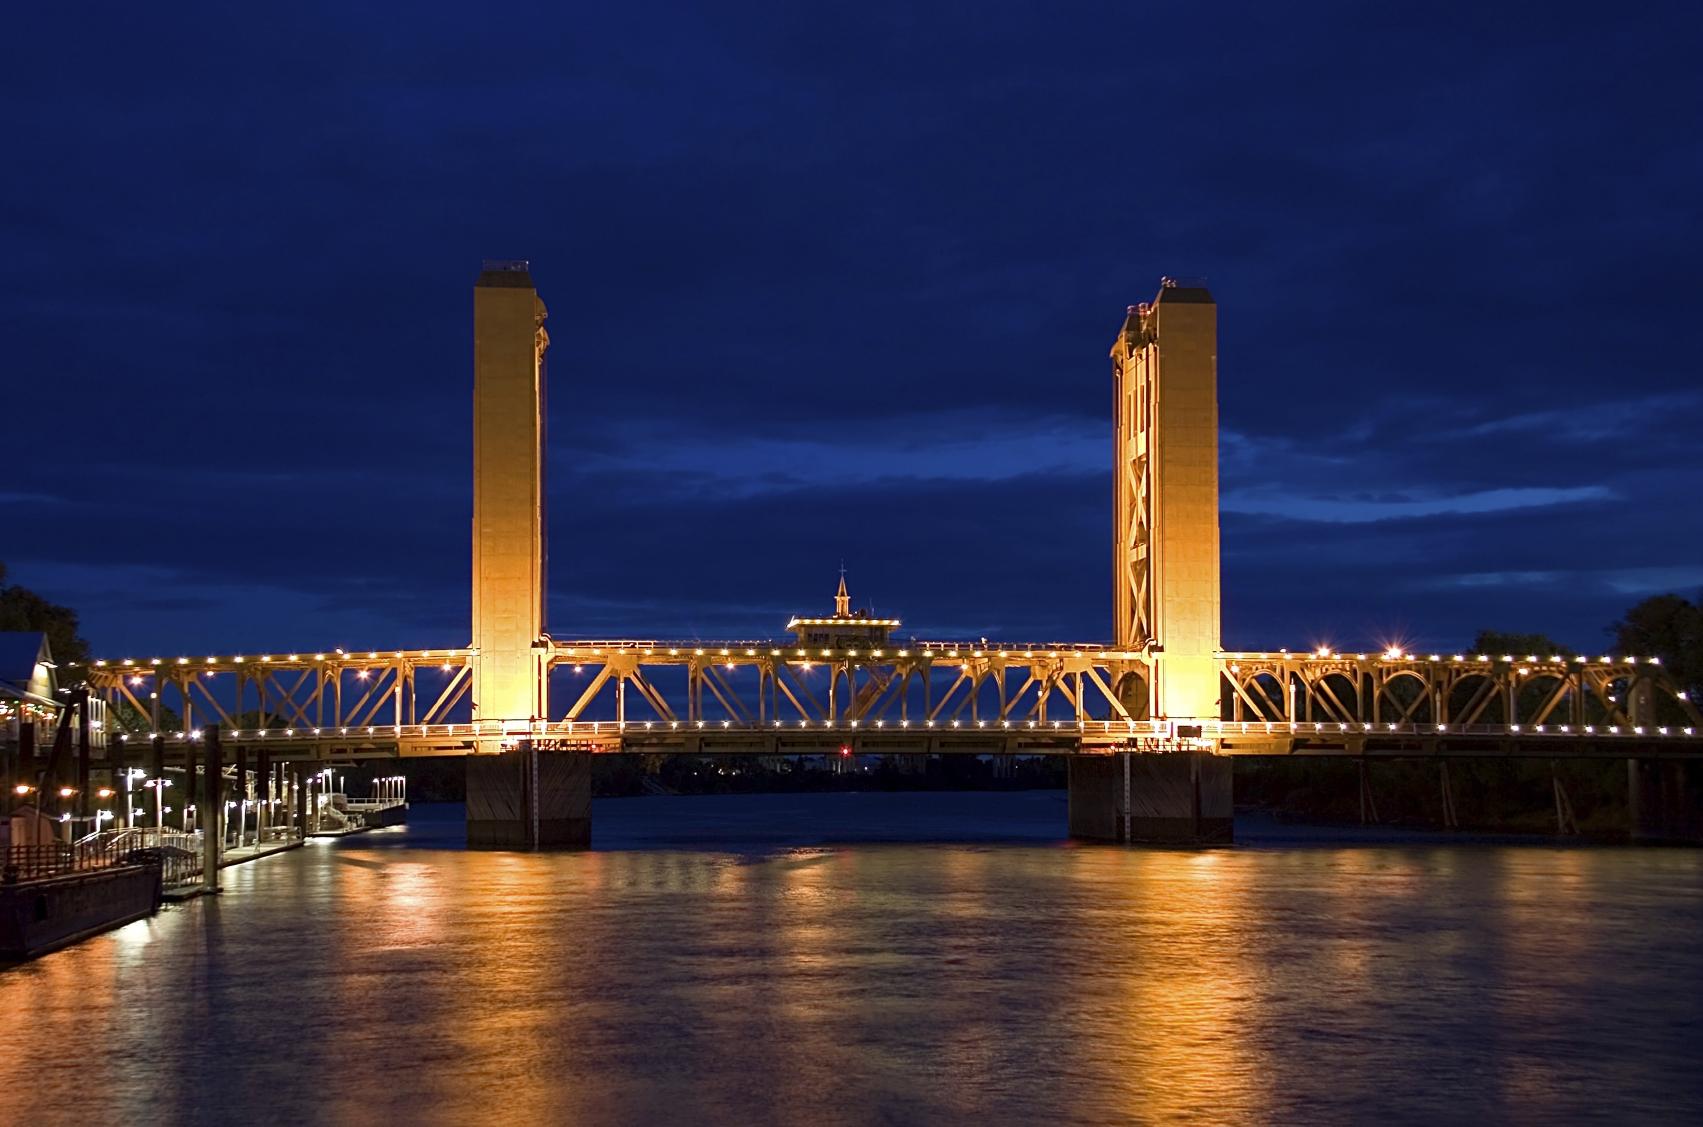 Jermaine_Cruz_-_Sacramento_Tower_Bridge_at_Night